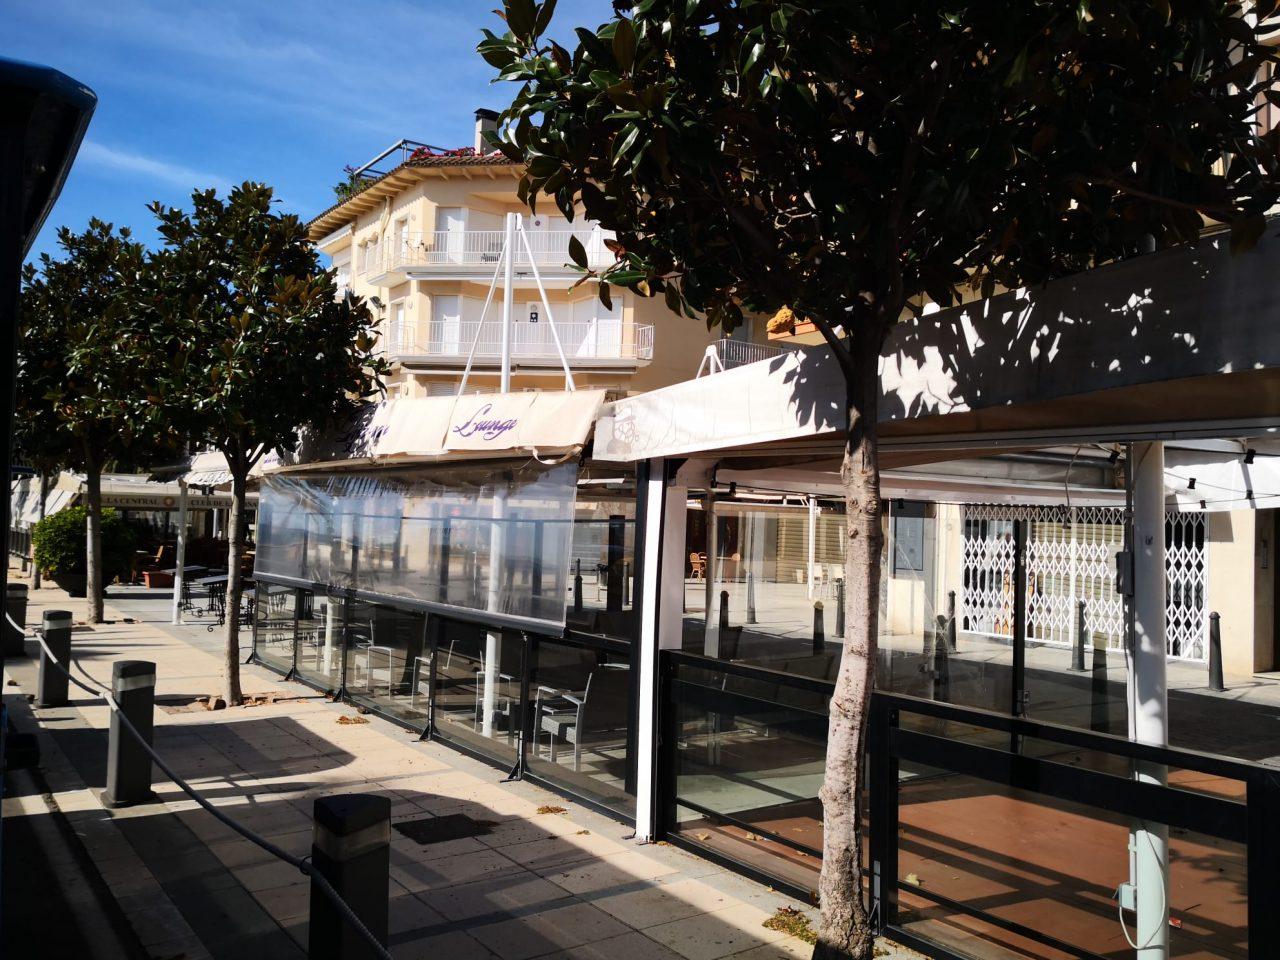 restaurant7-1280x960.jpg